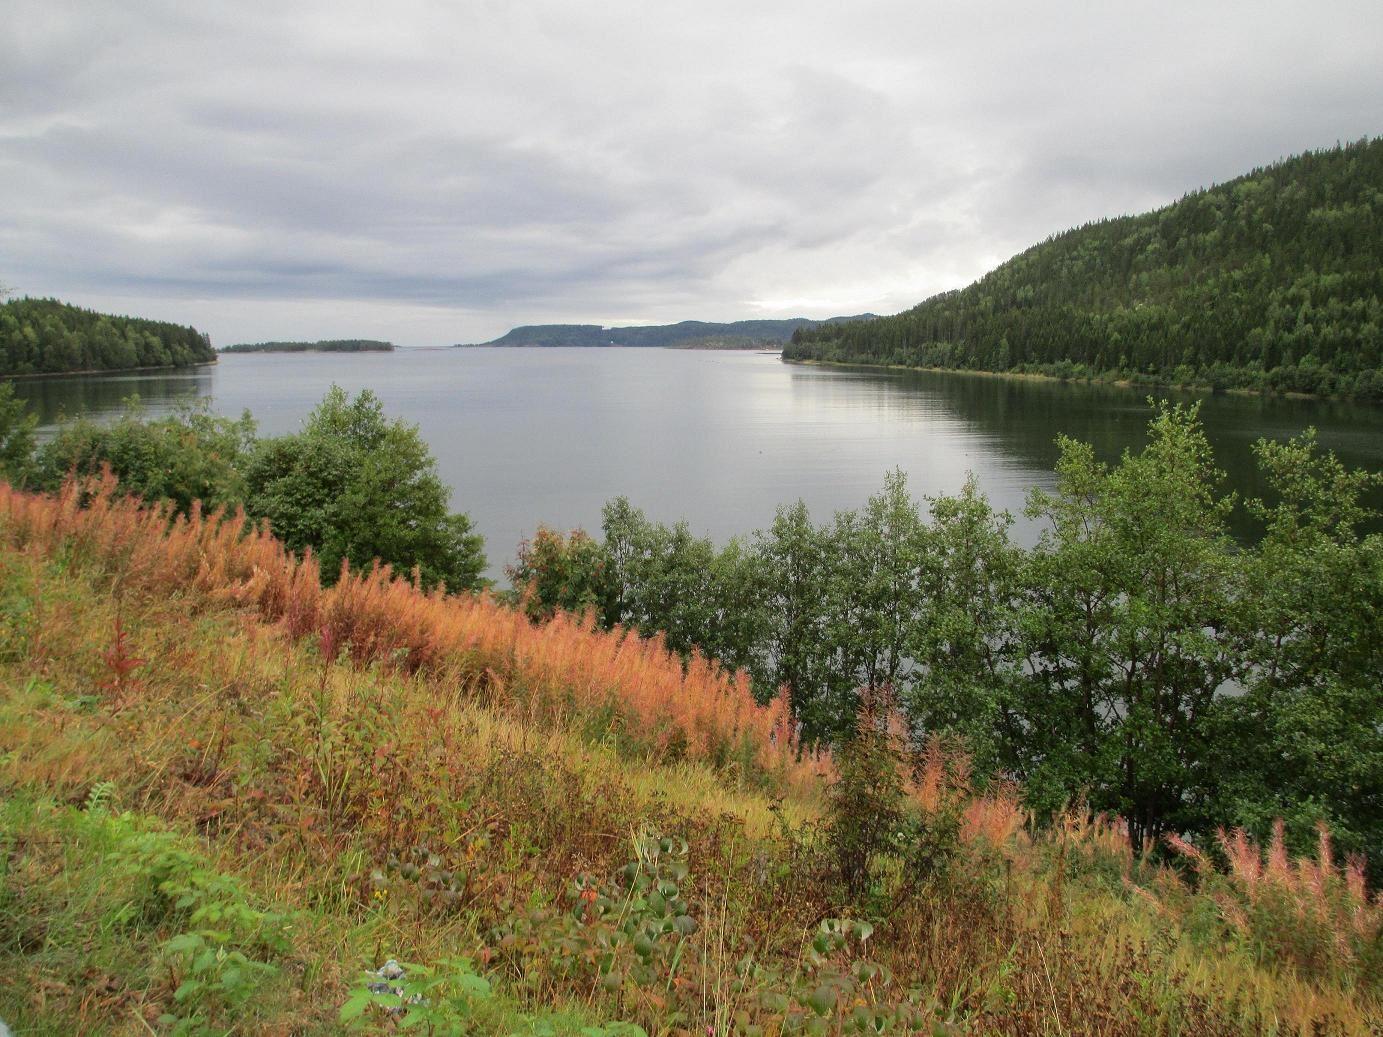 foto: Lisa Reil, Utsikt över Omnefjärden